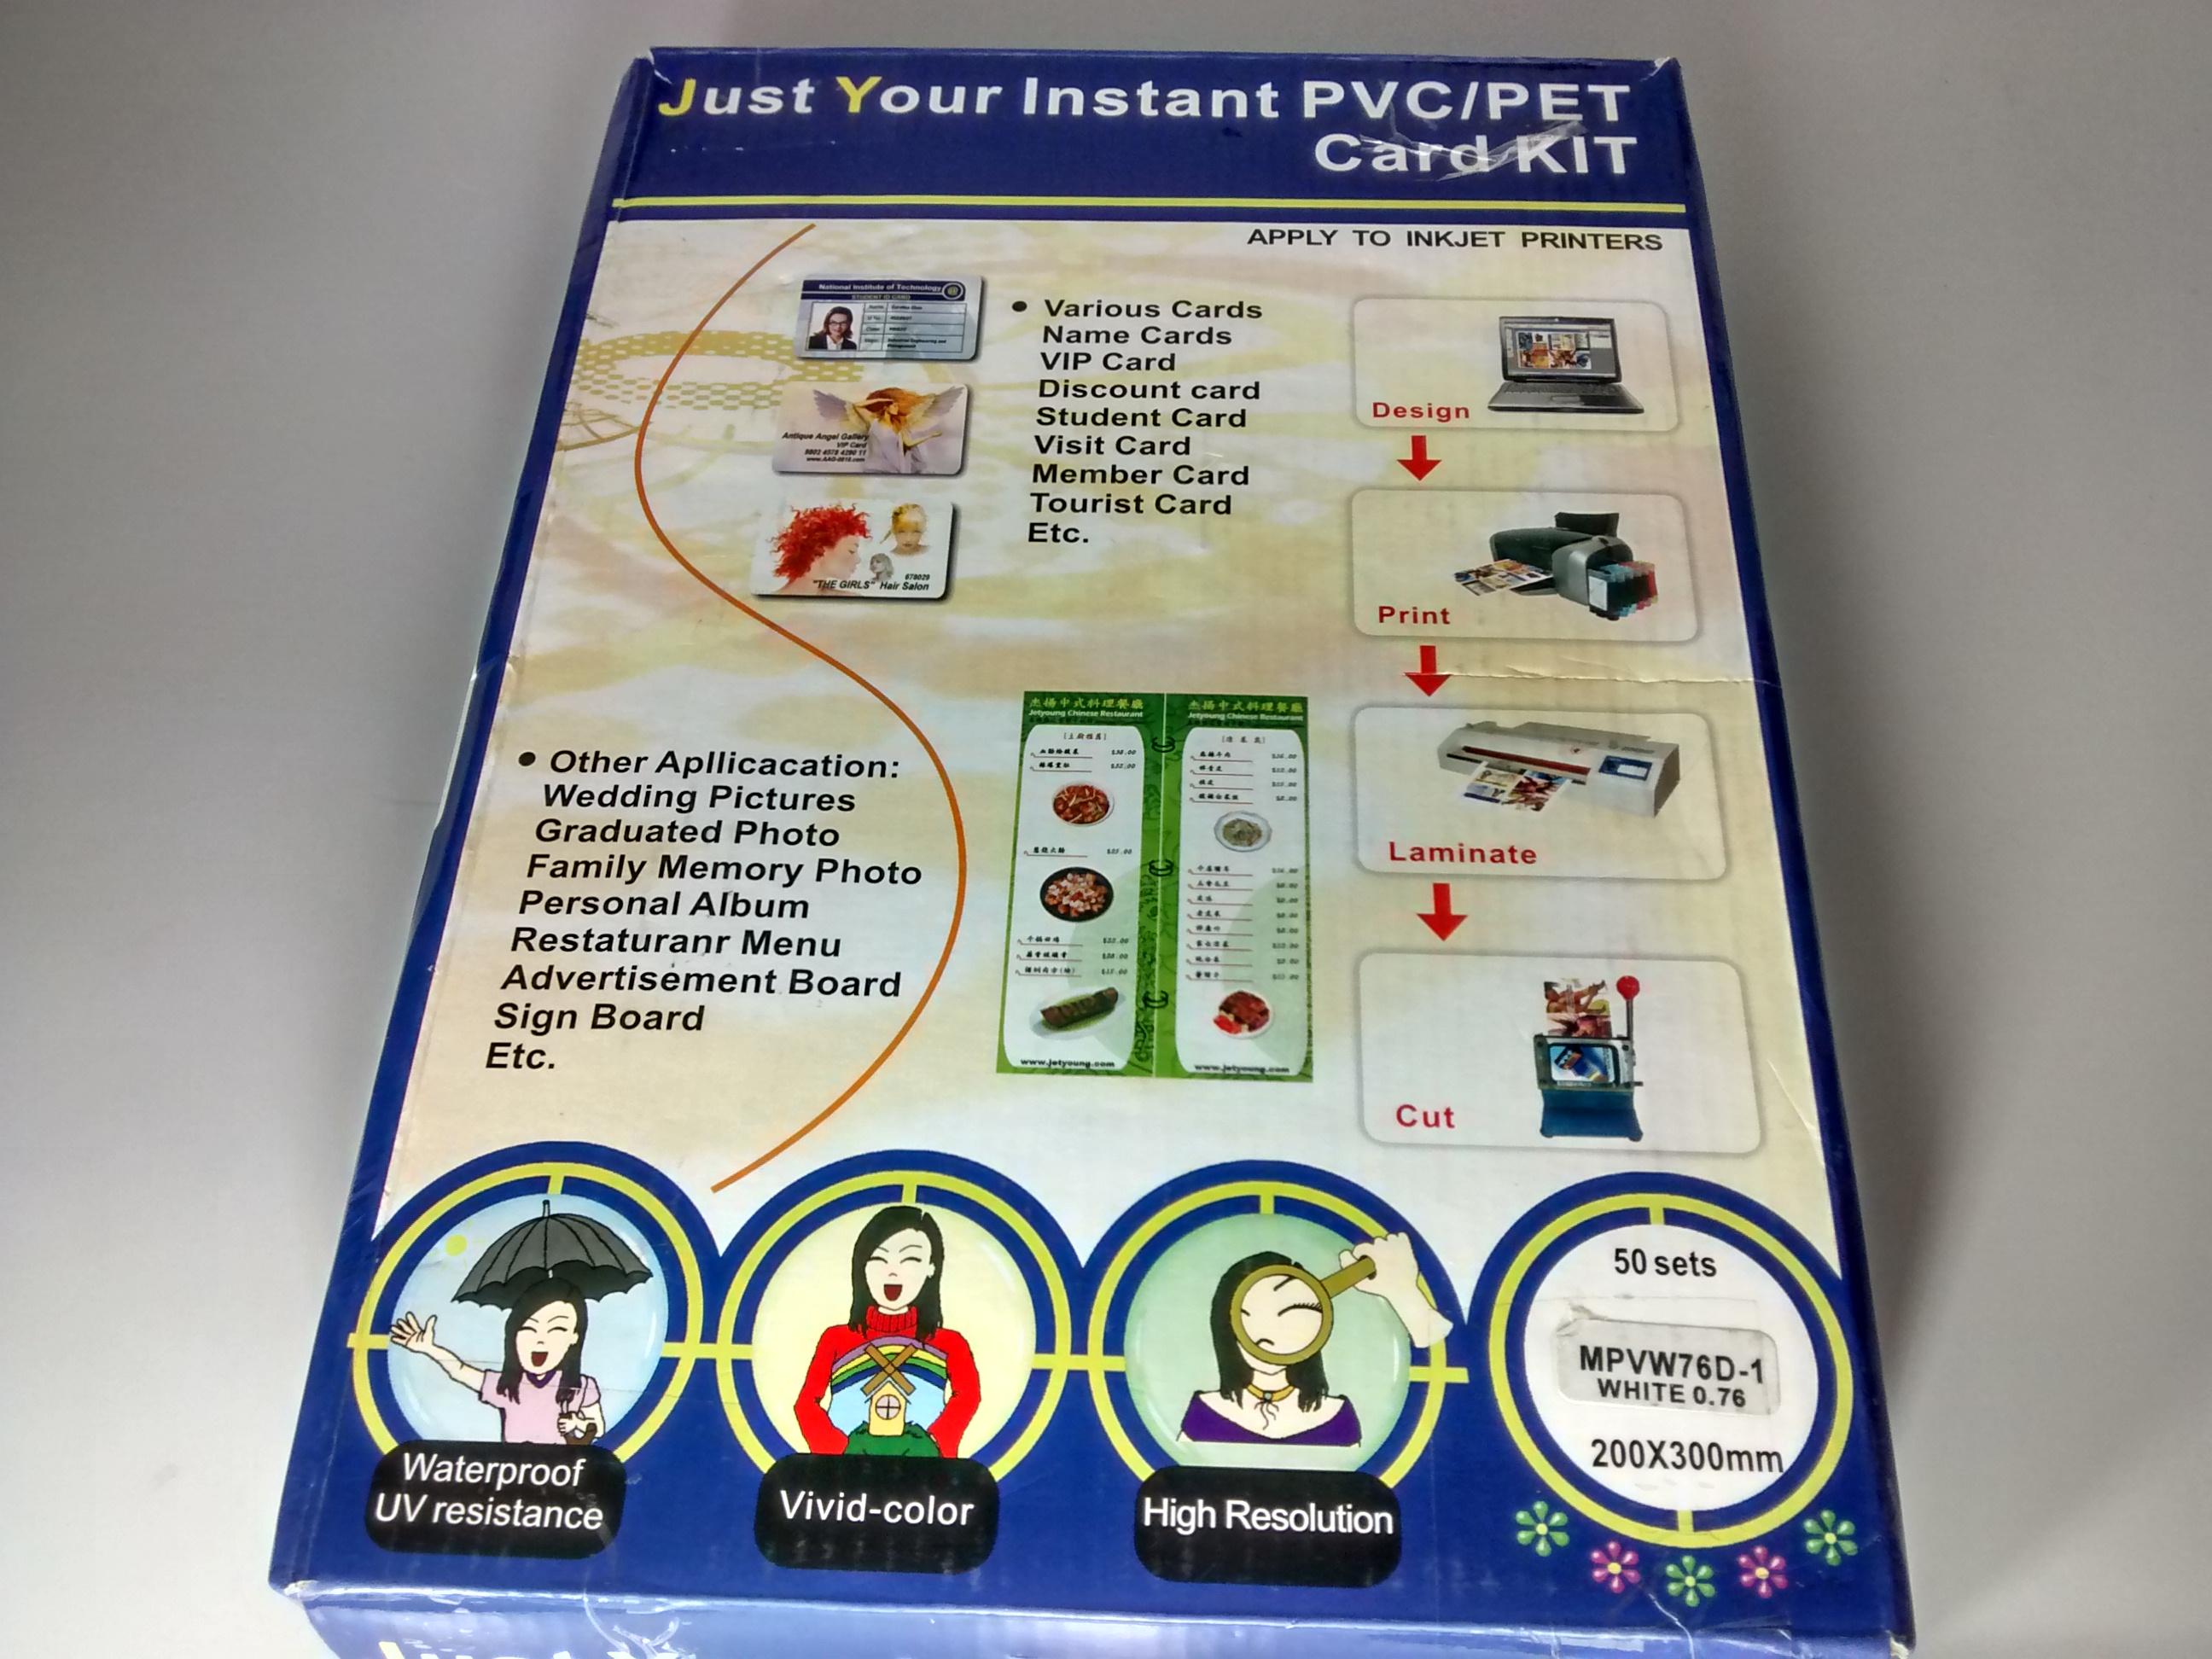 Folha de PVC PET Branco 200x300mm para impressora Jato de Tinta MPVW76D-1 formato A4 (c/ 50 jogos) - Brooklyn Suprimentos